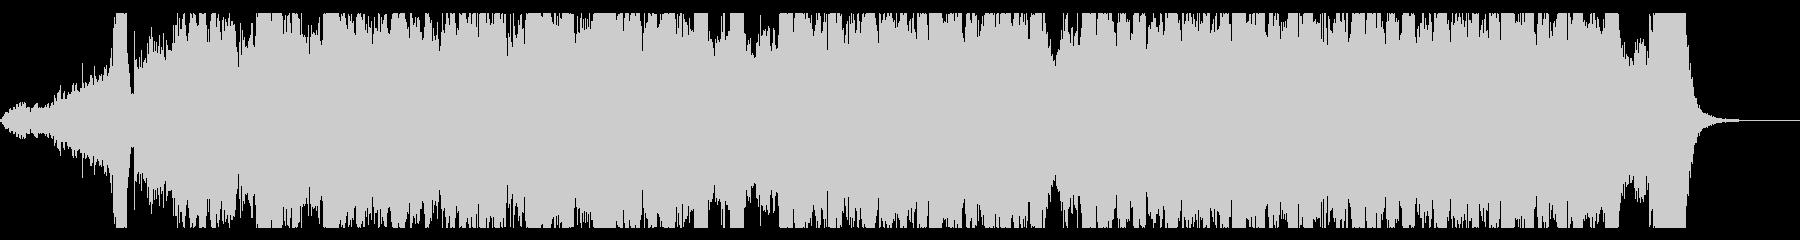 トランペットと弦楽器のミニオーケストラの未再生の波形